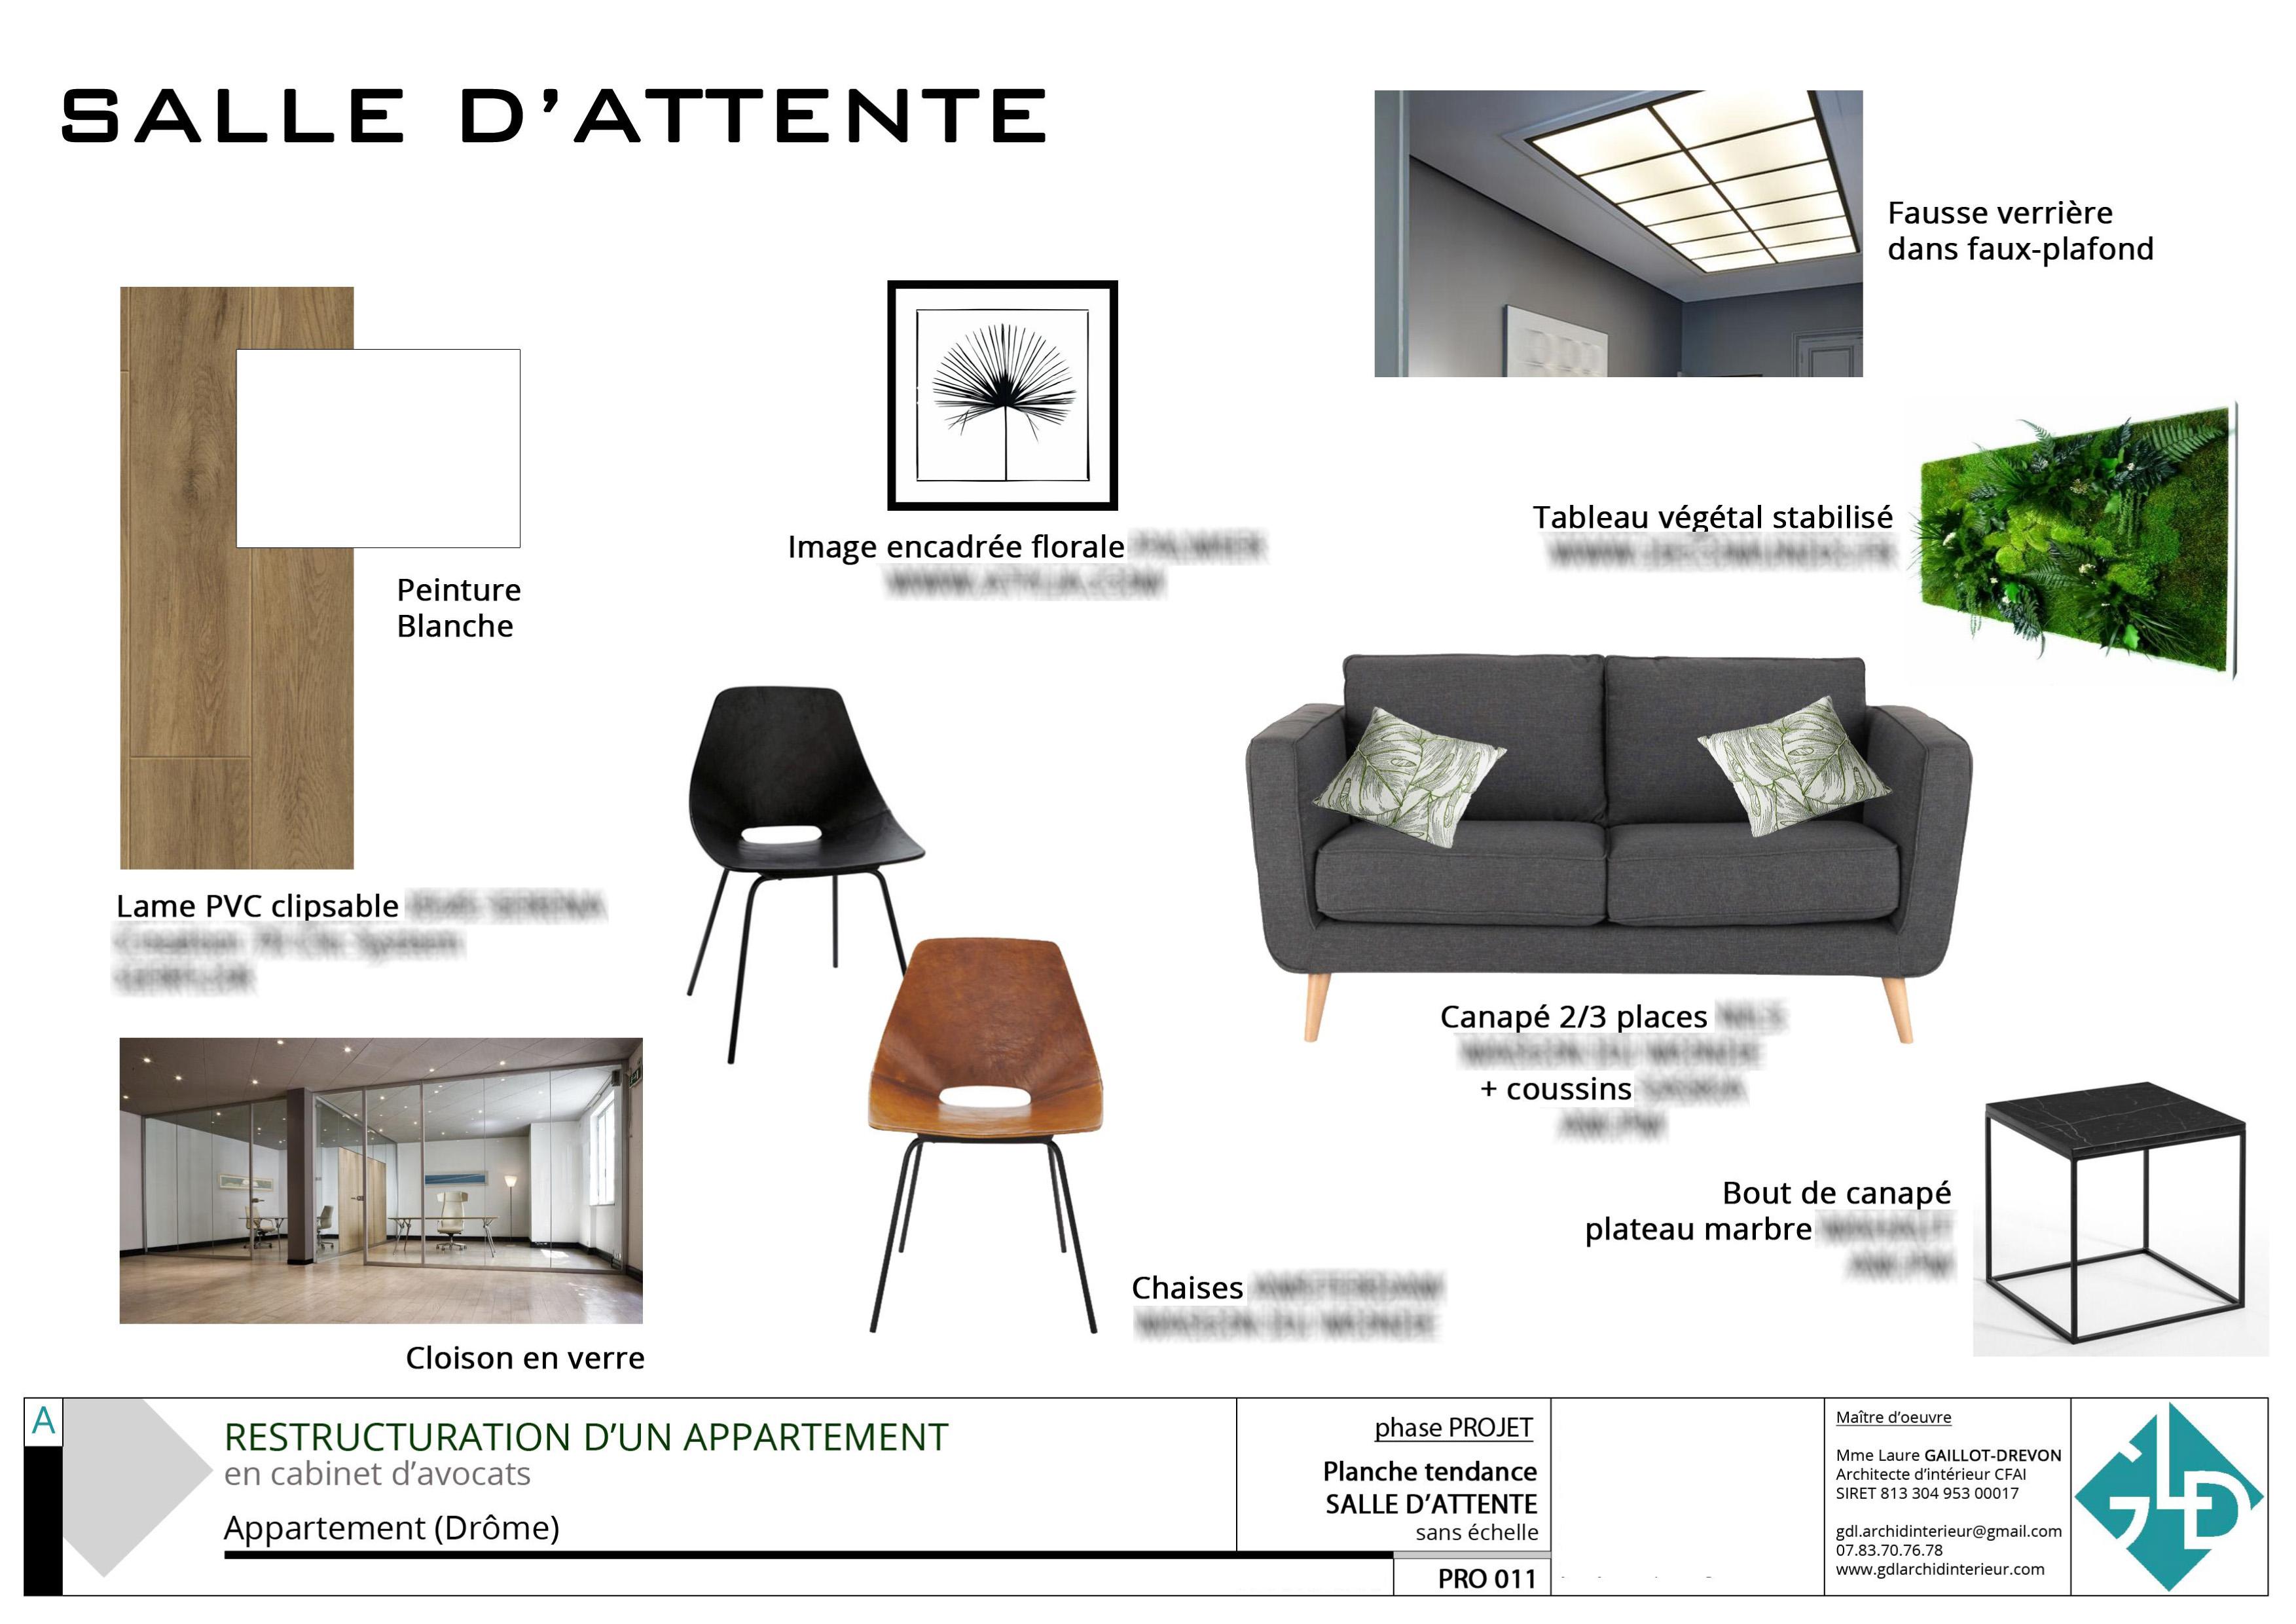 011 TENDANCE SALLE D'ATTENTE